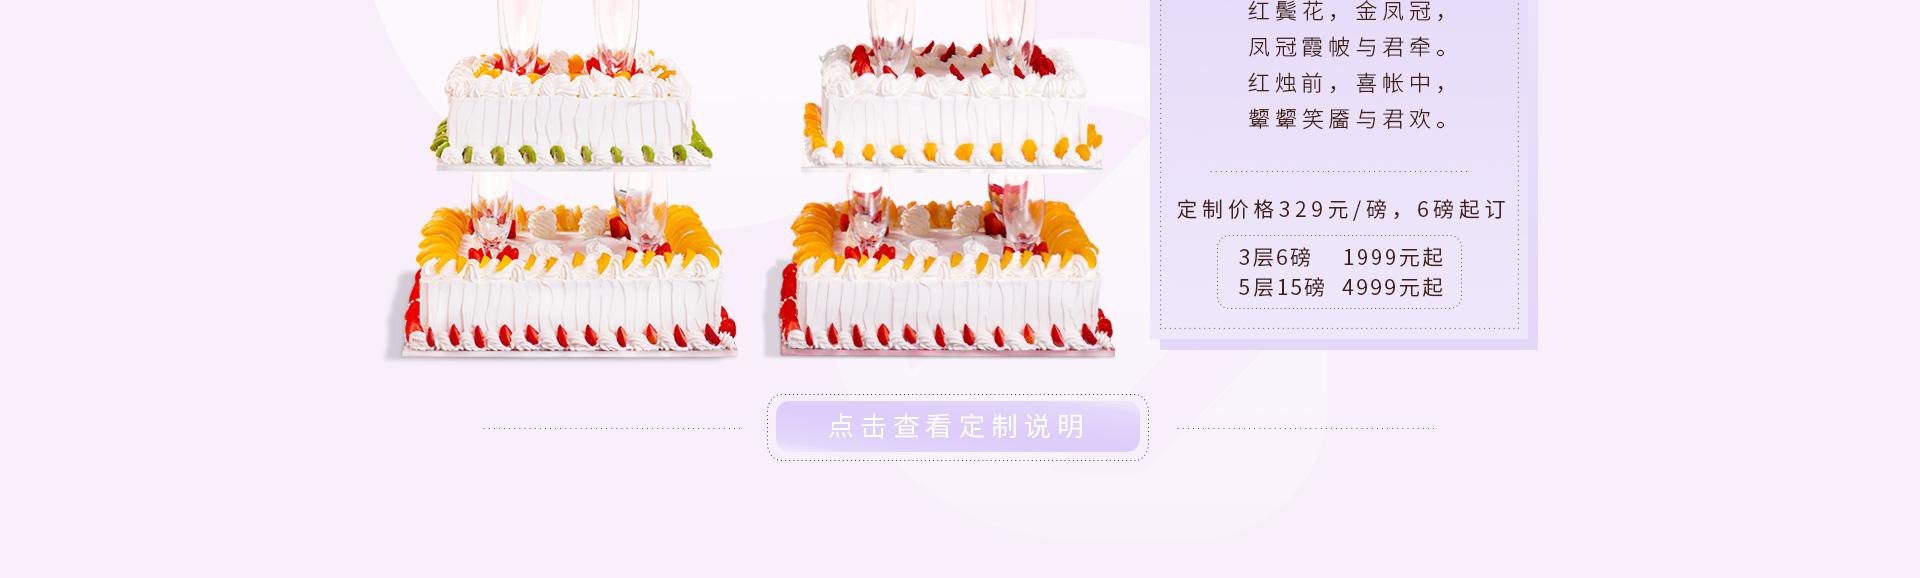 婚礼蛋糕定制 佳偶天成 ebeecake小蜜蜂蛋糕